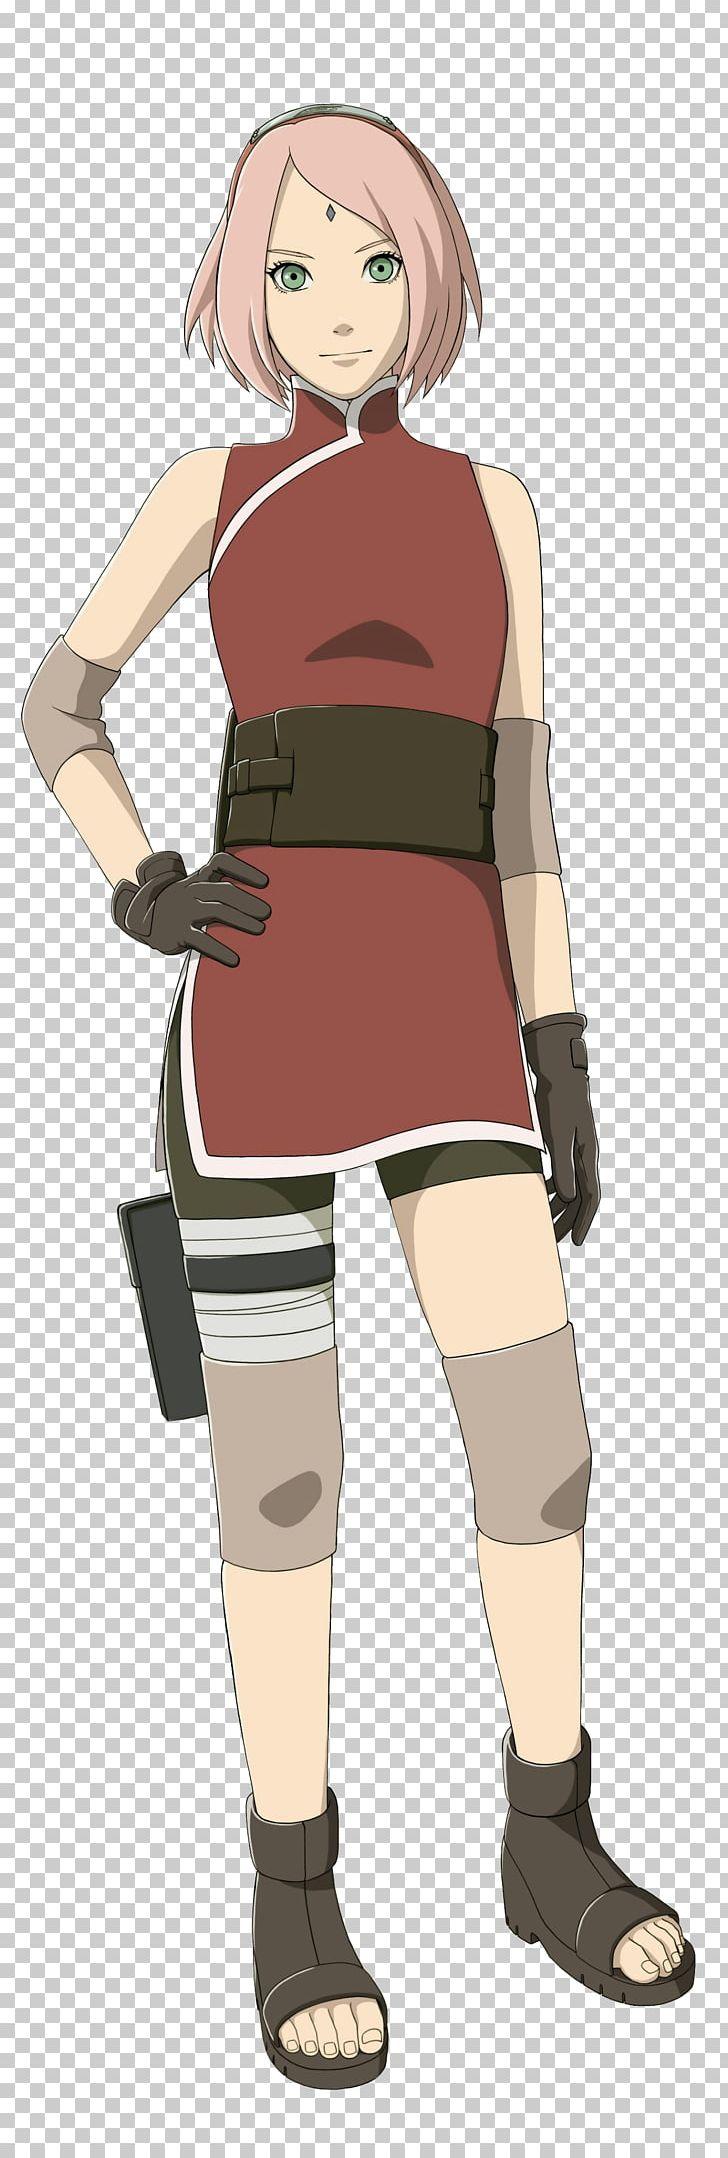 Sakura Haruno Sasuke Uchiha Temari Kakashi Hatake Naruto PNG